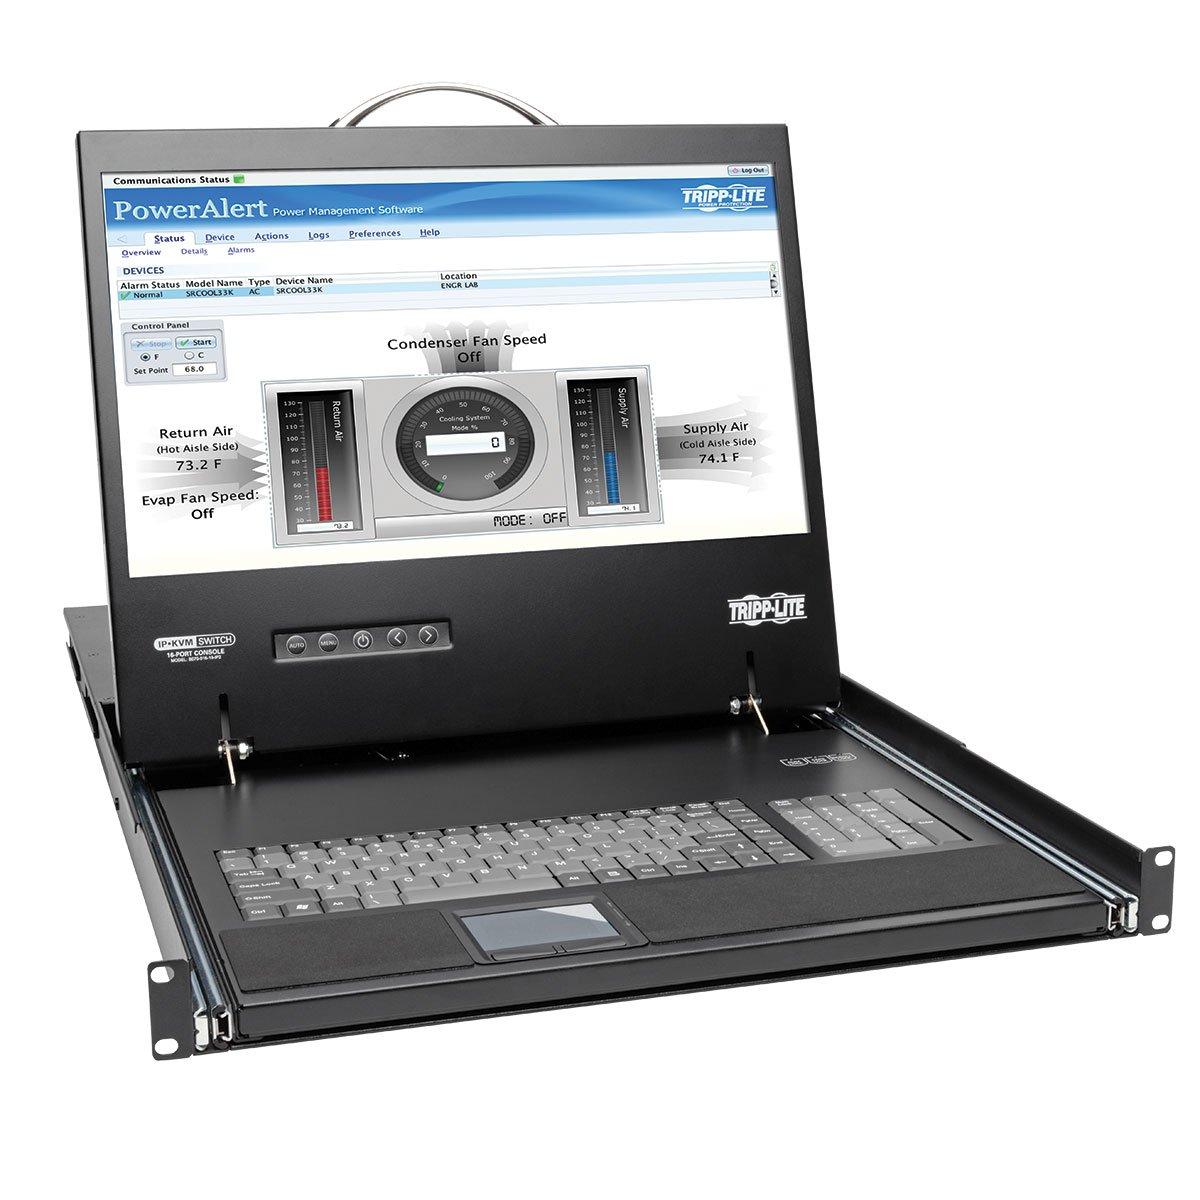 Tripp Lite 16-Port 1U Rack Console IP KVM Switch 2+1 Users w/ 19in. LCD Screen Rack-Mount (B070-016-19-IP2) by Tripp Lite